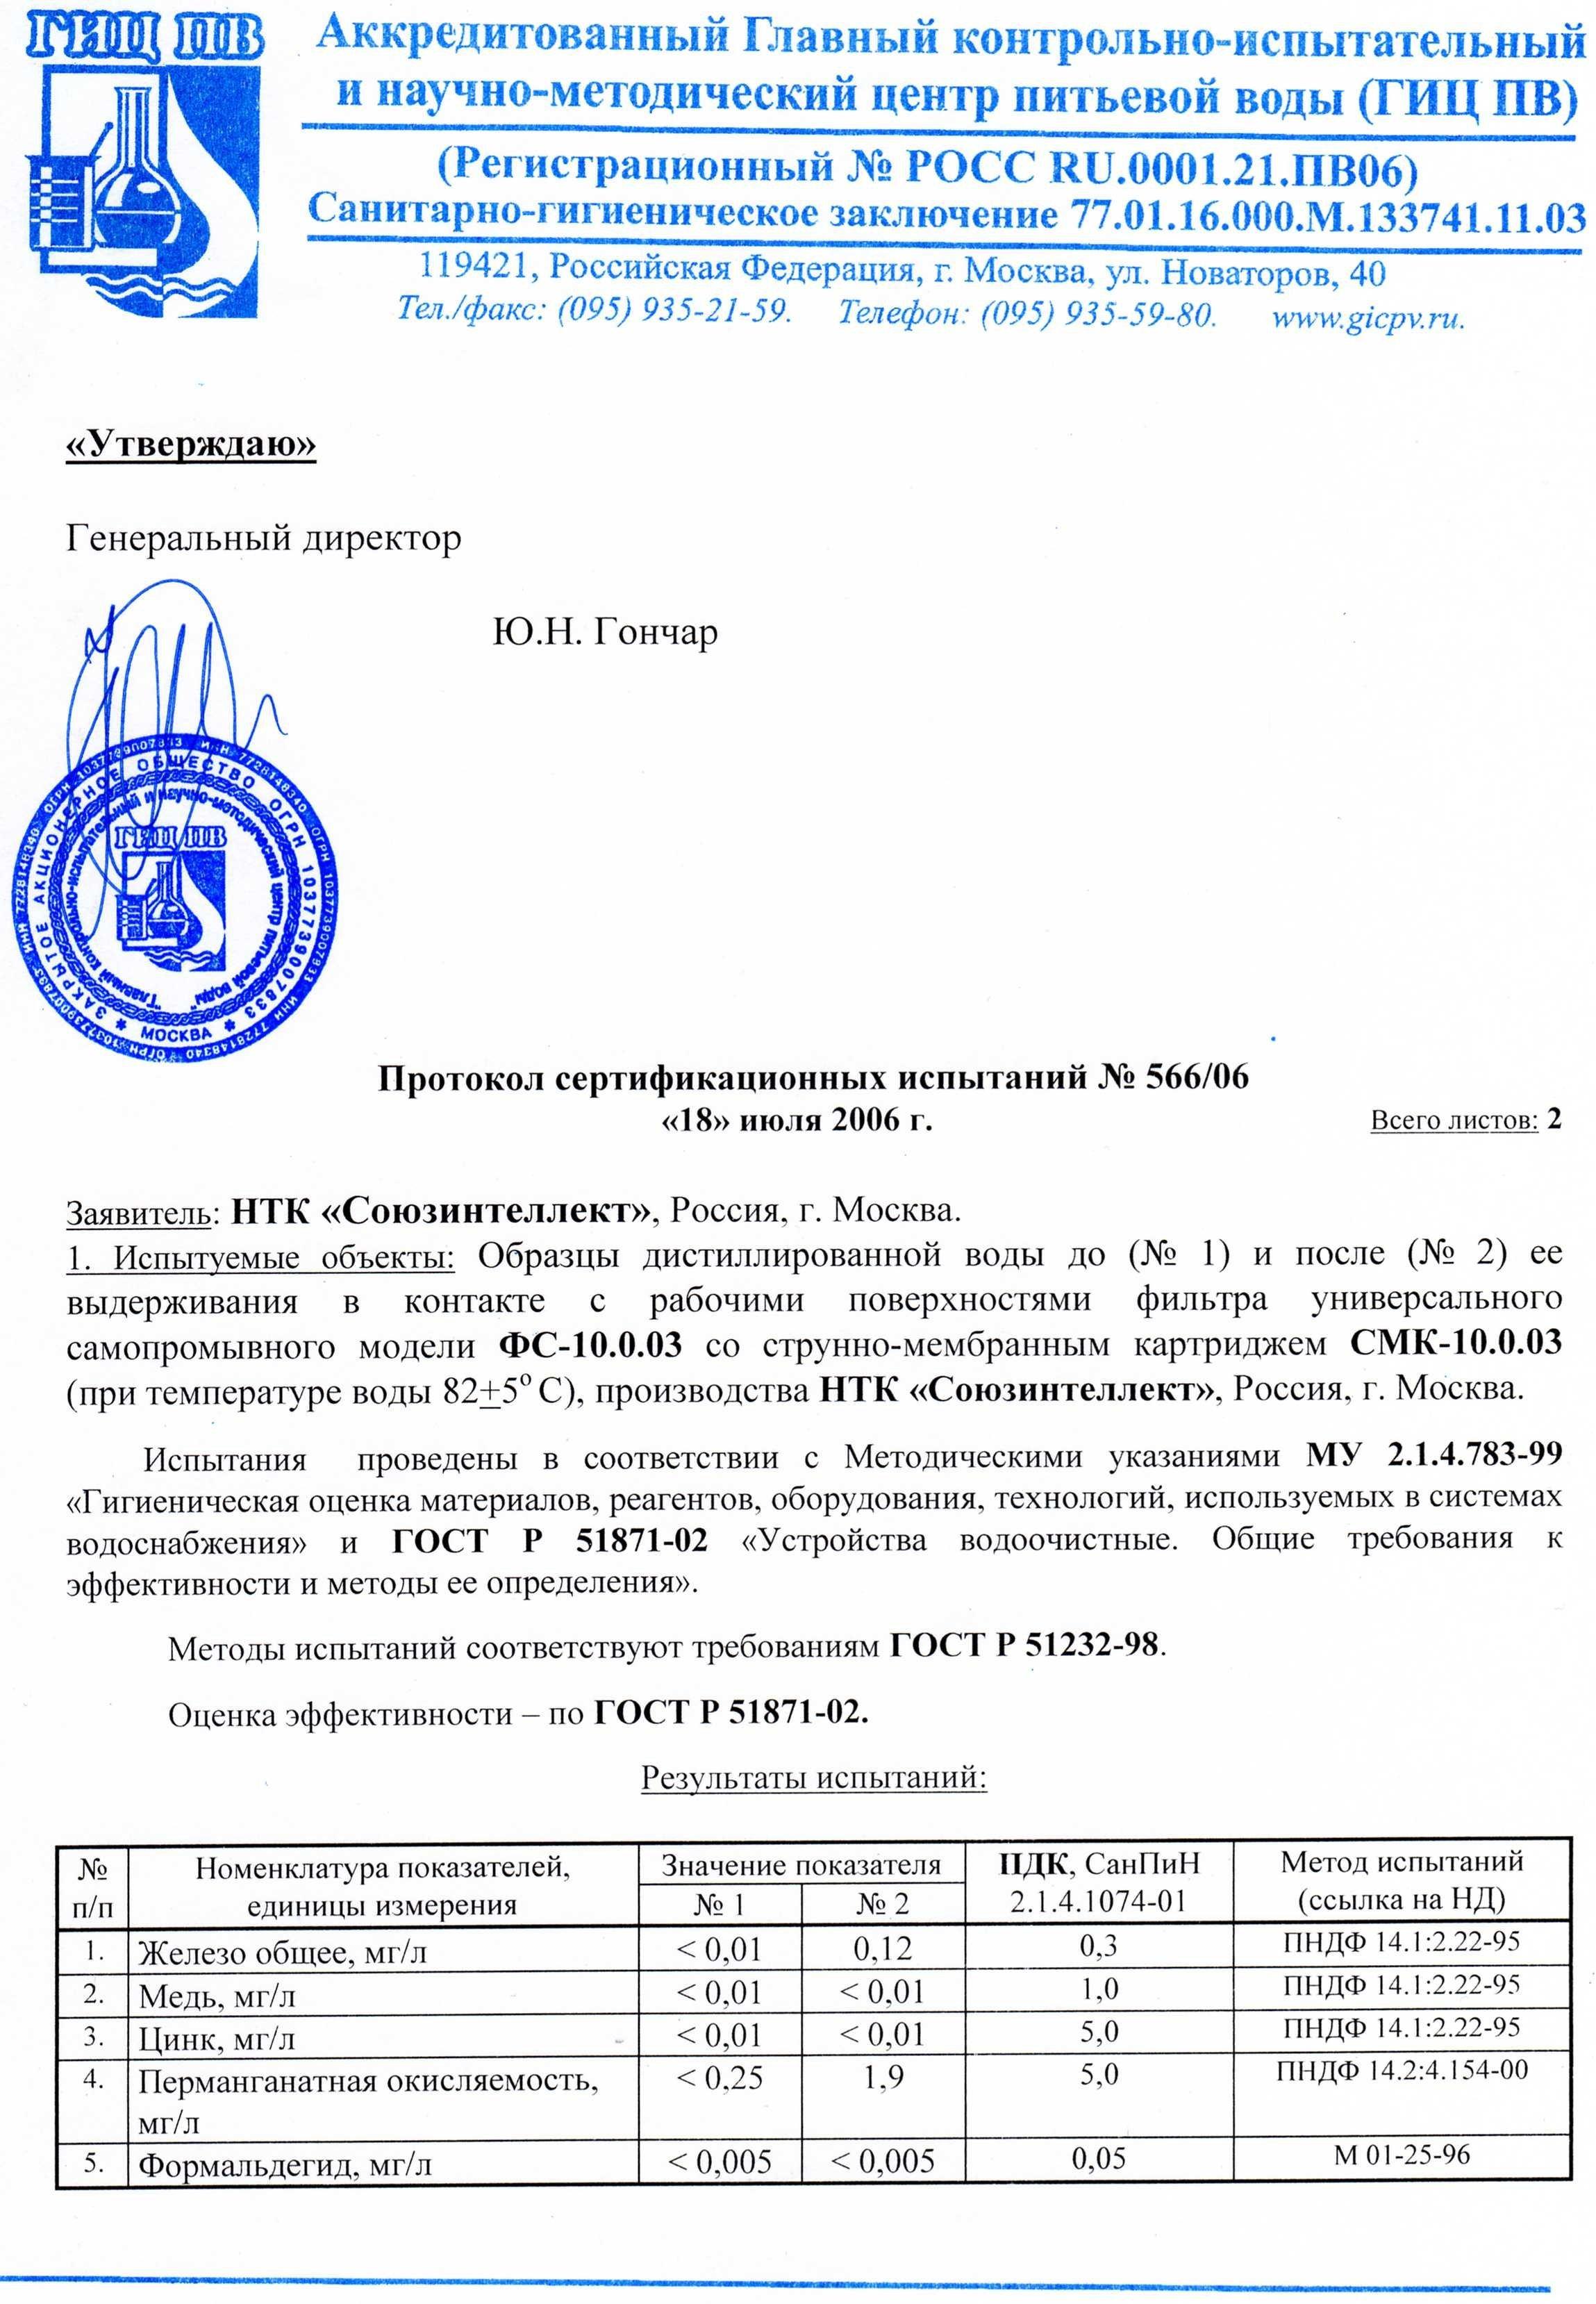 http://souzintellekt.ru/images/upload/испытание%20с%20дистилированной%20водой.jpg